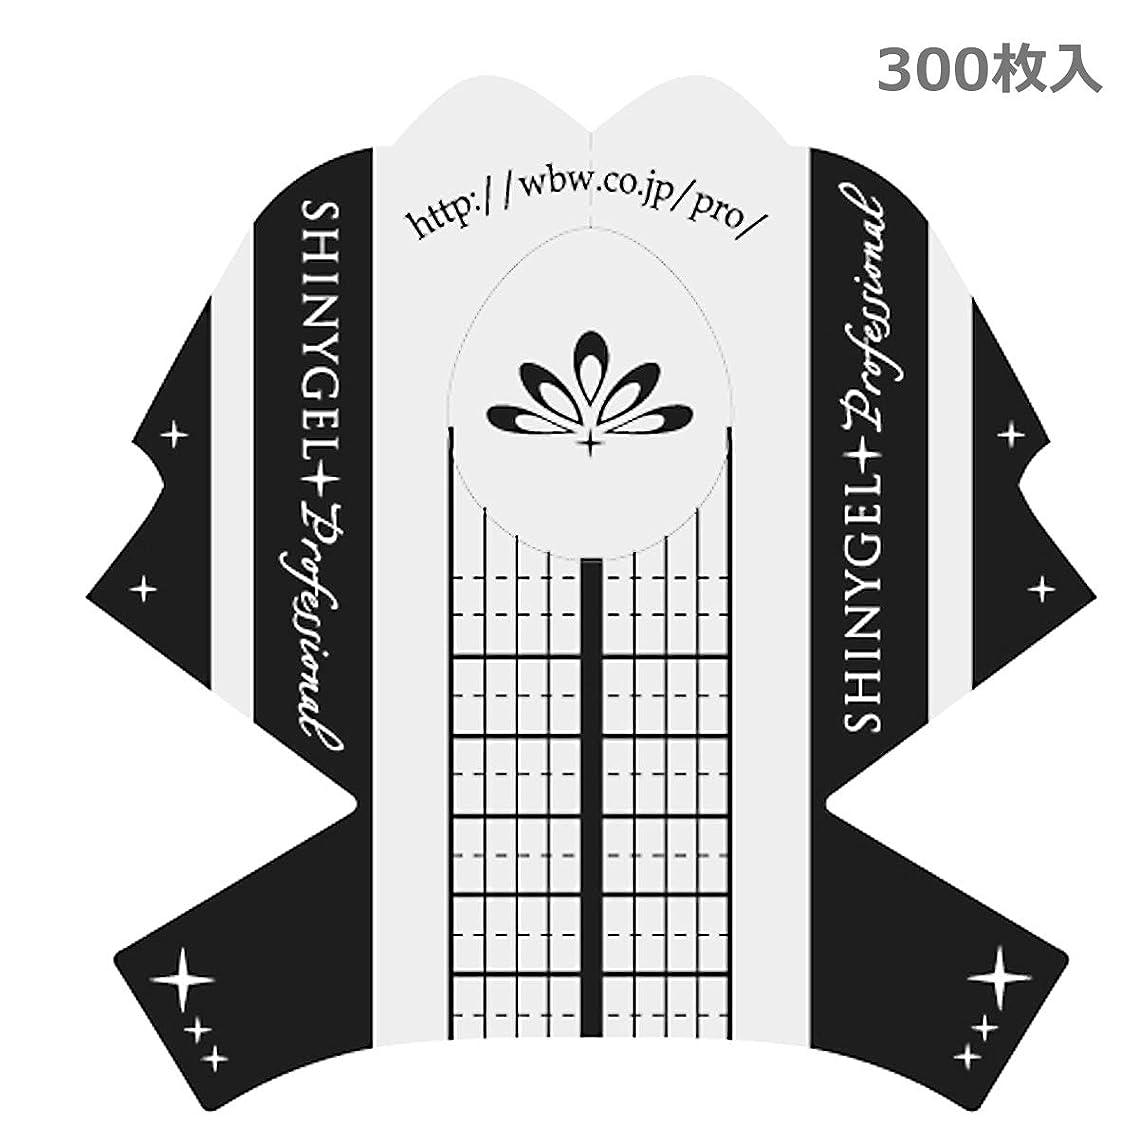 修道院オフェンス絵SHINYGEL professional シャイニージェルプロフェッショナル ネイルフォーム/300枚入り